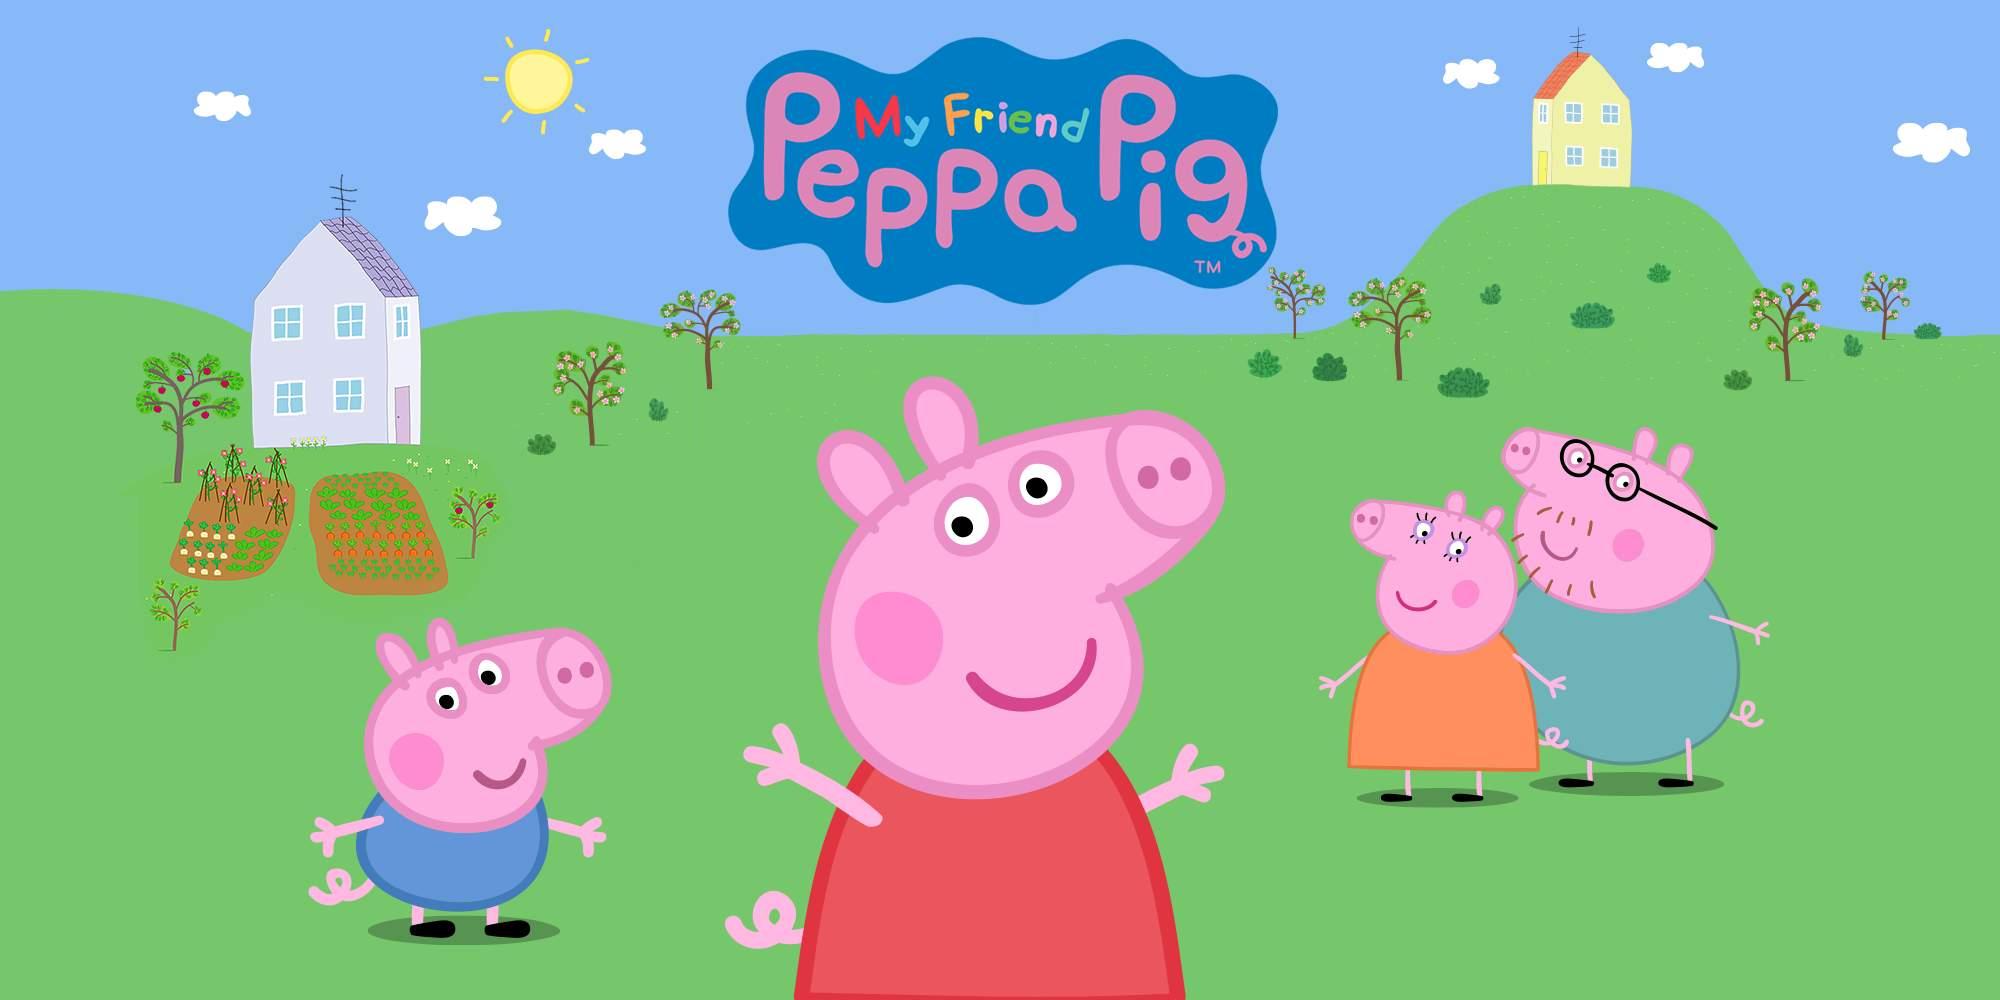 PEPPA PIG  - UN NUOVO VIDEOGIOCO DISPONIBILE DA QUEST'AUTUNNO!